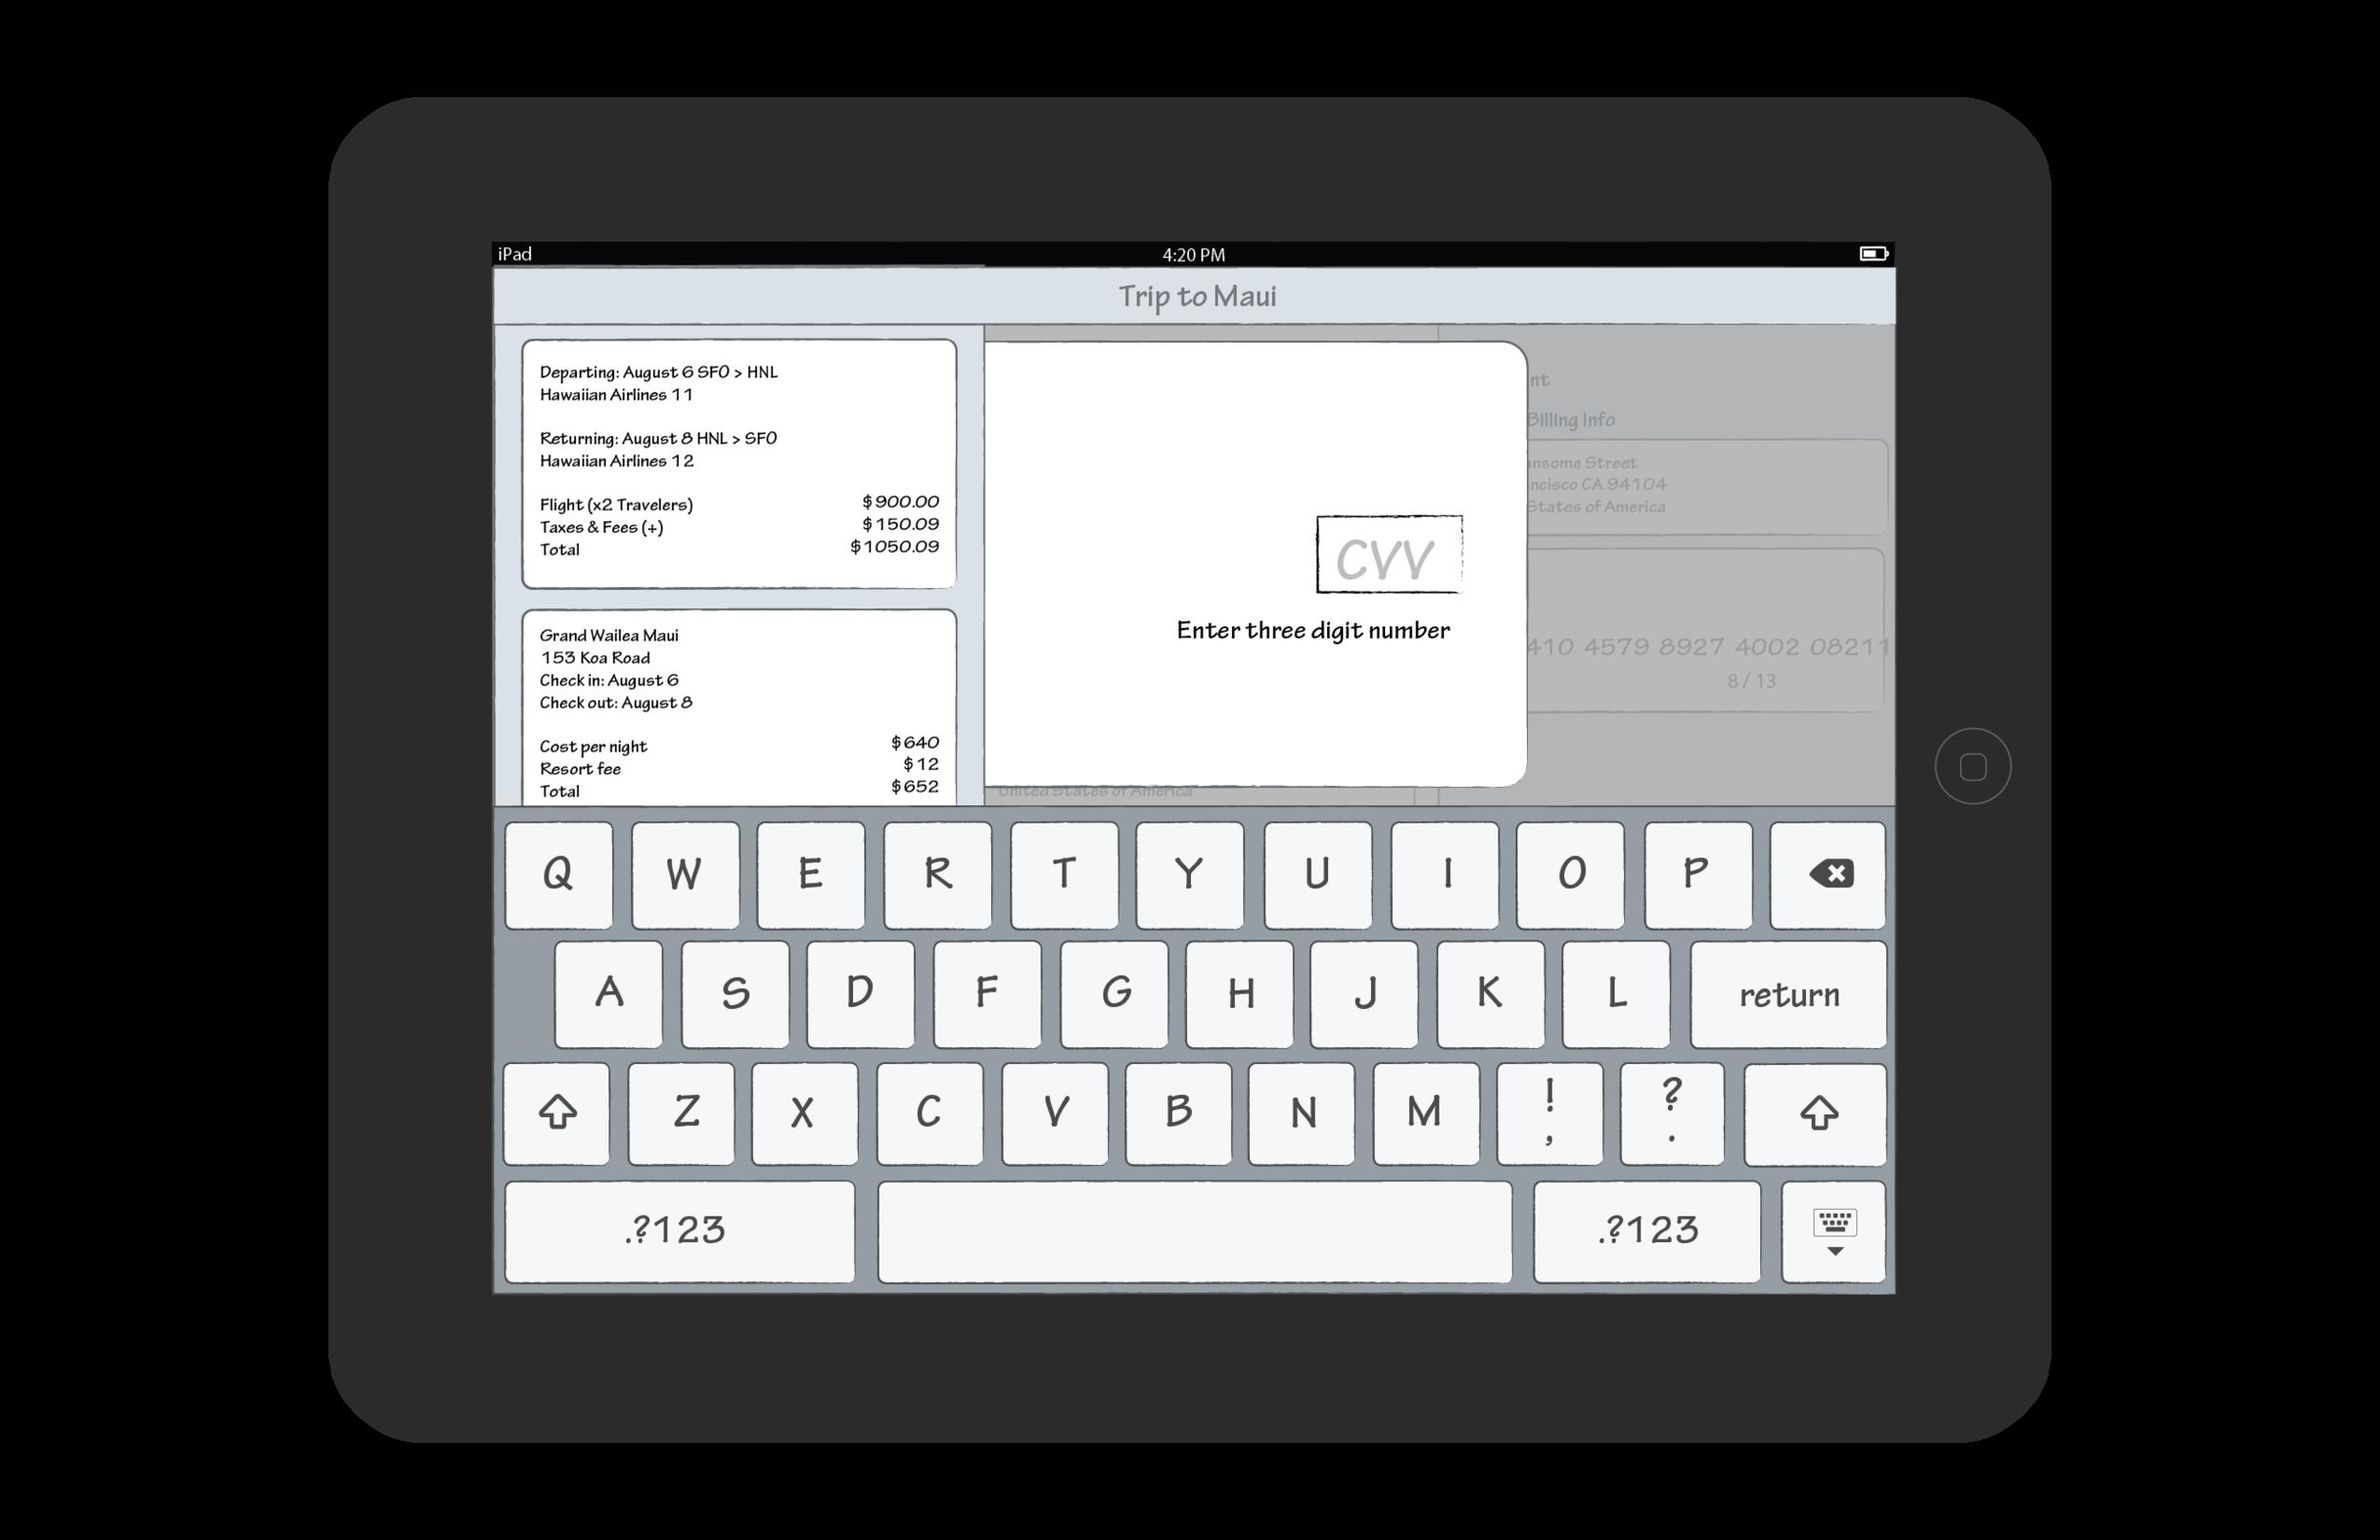 iPad_CKO_Wireframe_04 Enter CVV.png